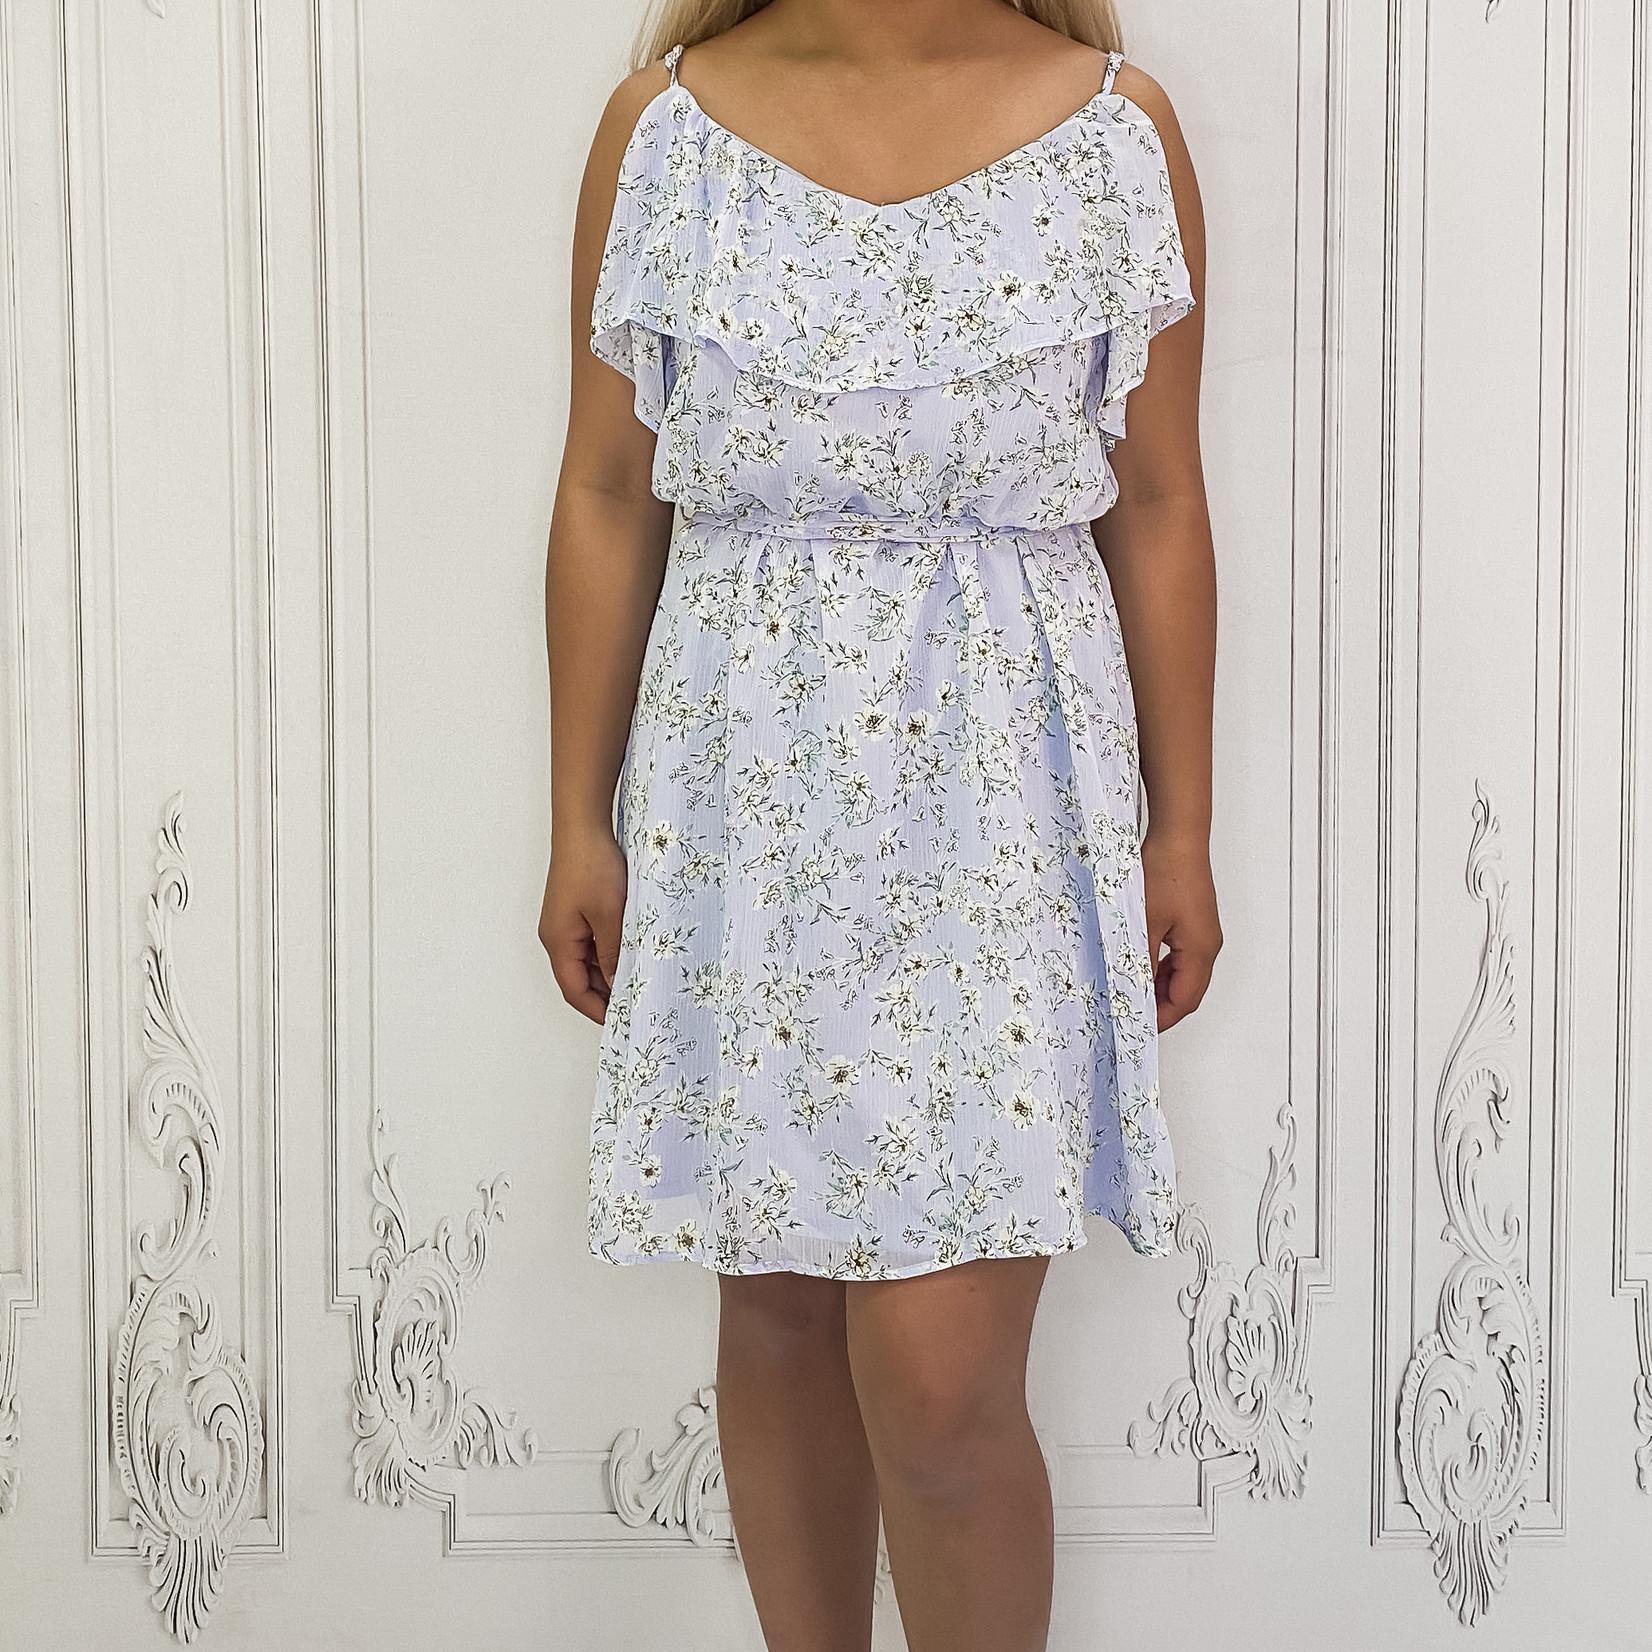 Gwen ruffle trim dress